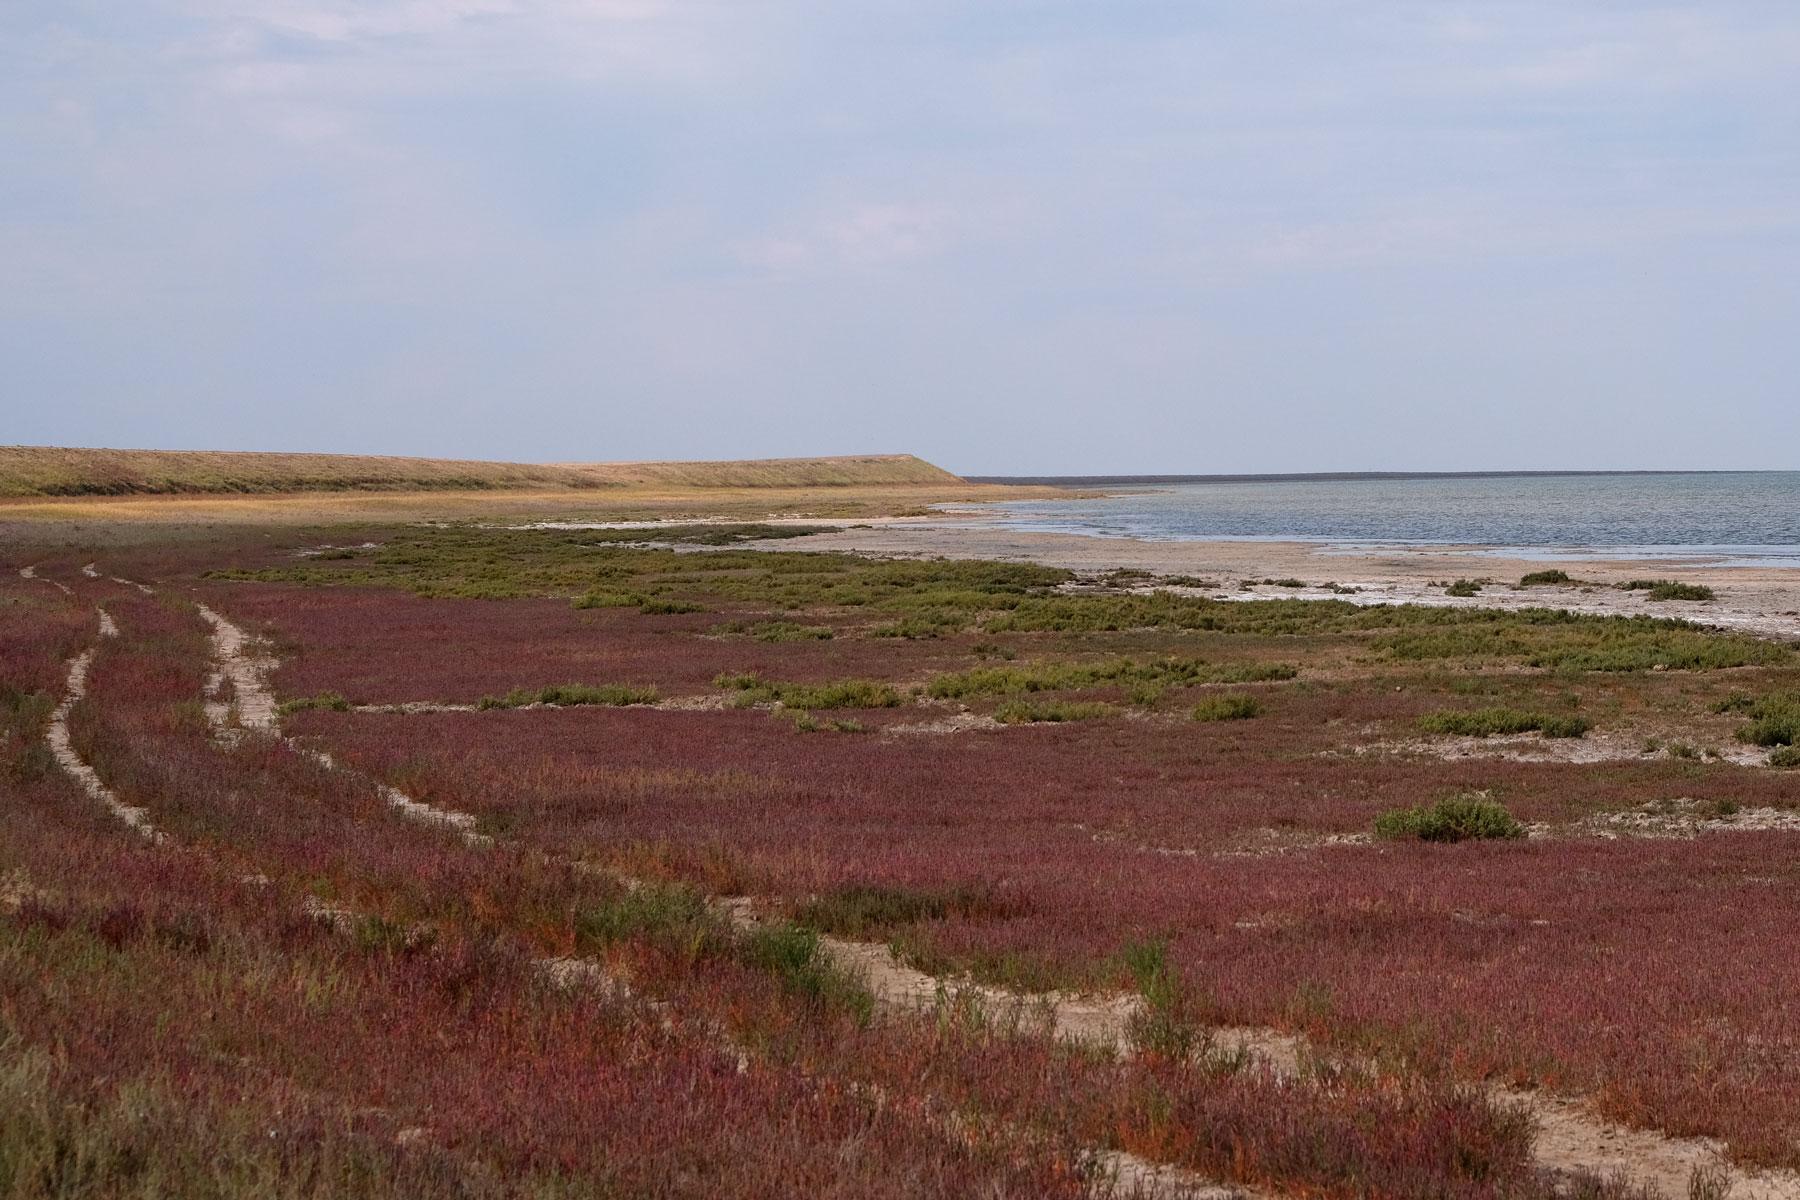 Das Ufer dess Tengiz-Sees ist mit roten Pflanzen bewachsen